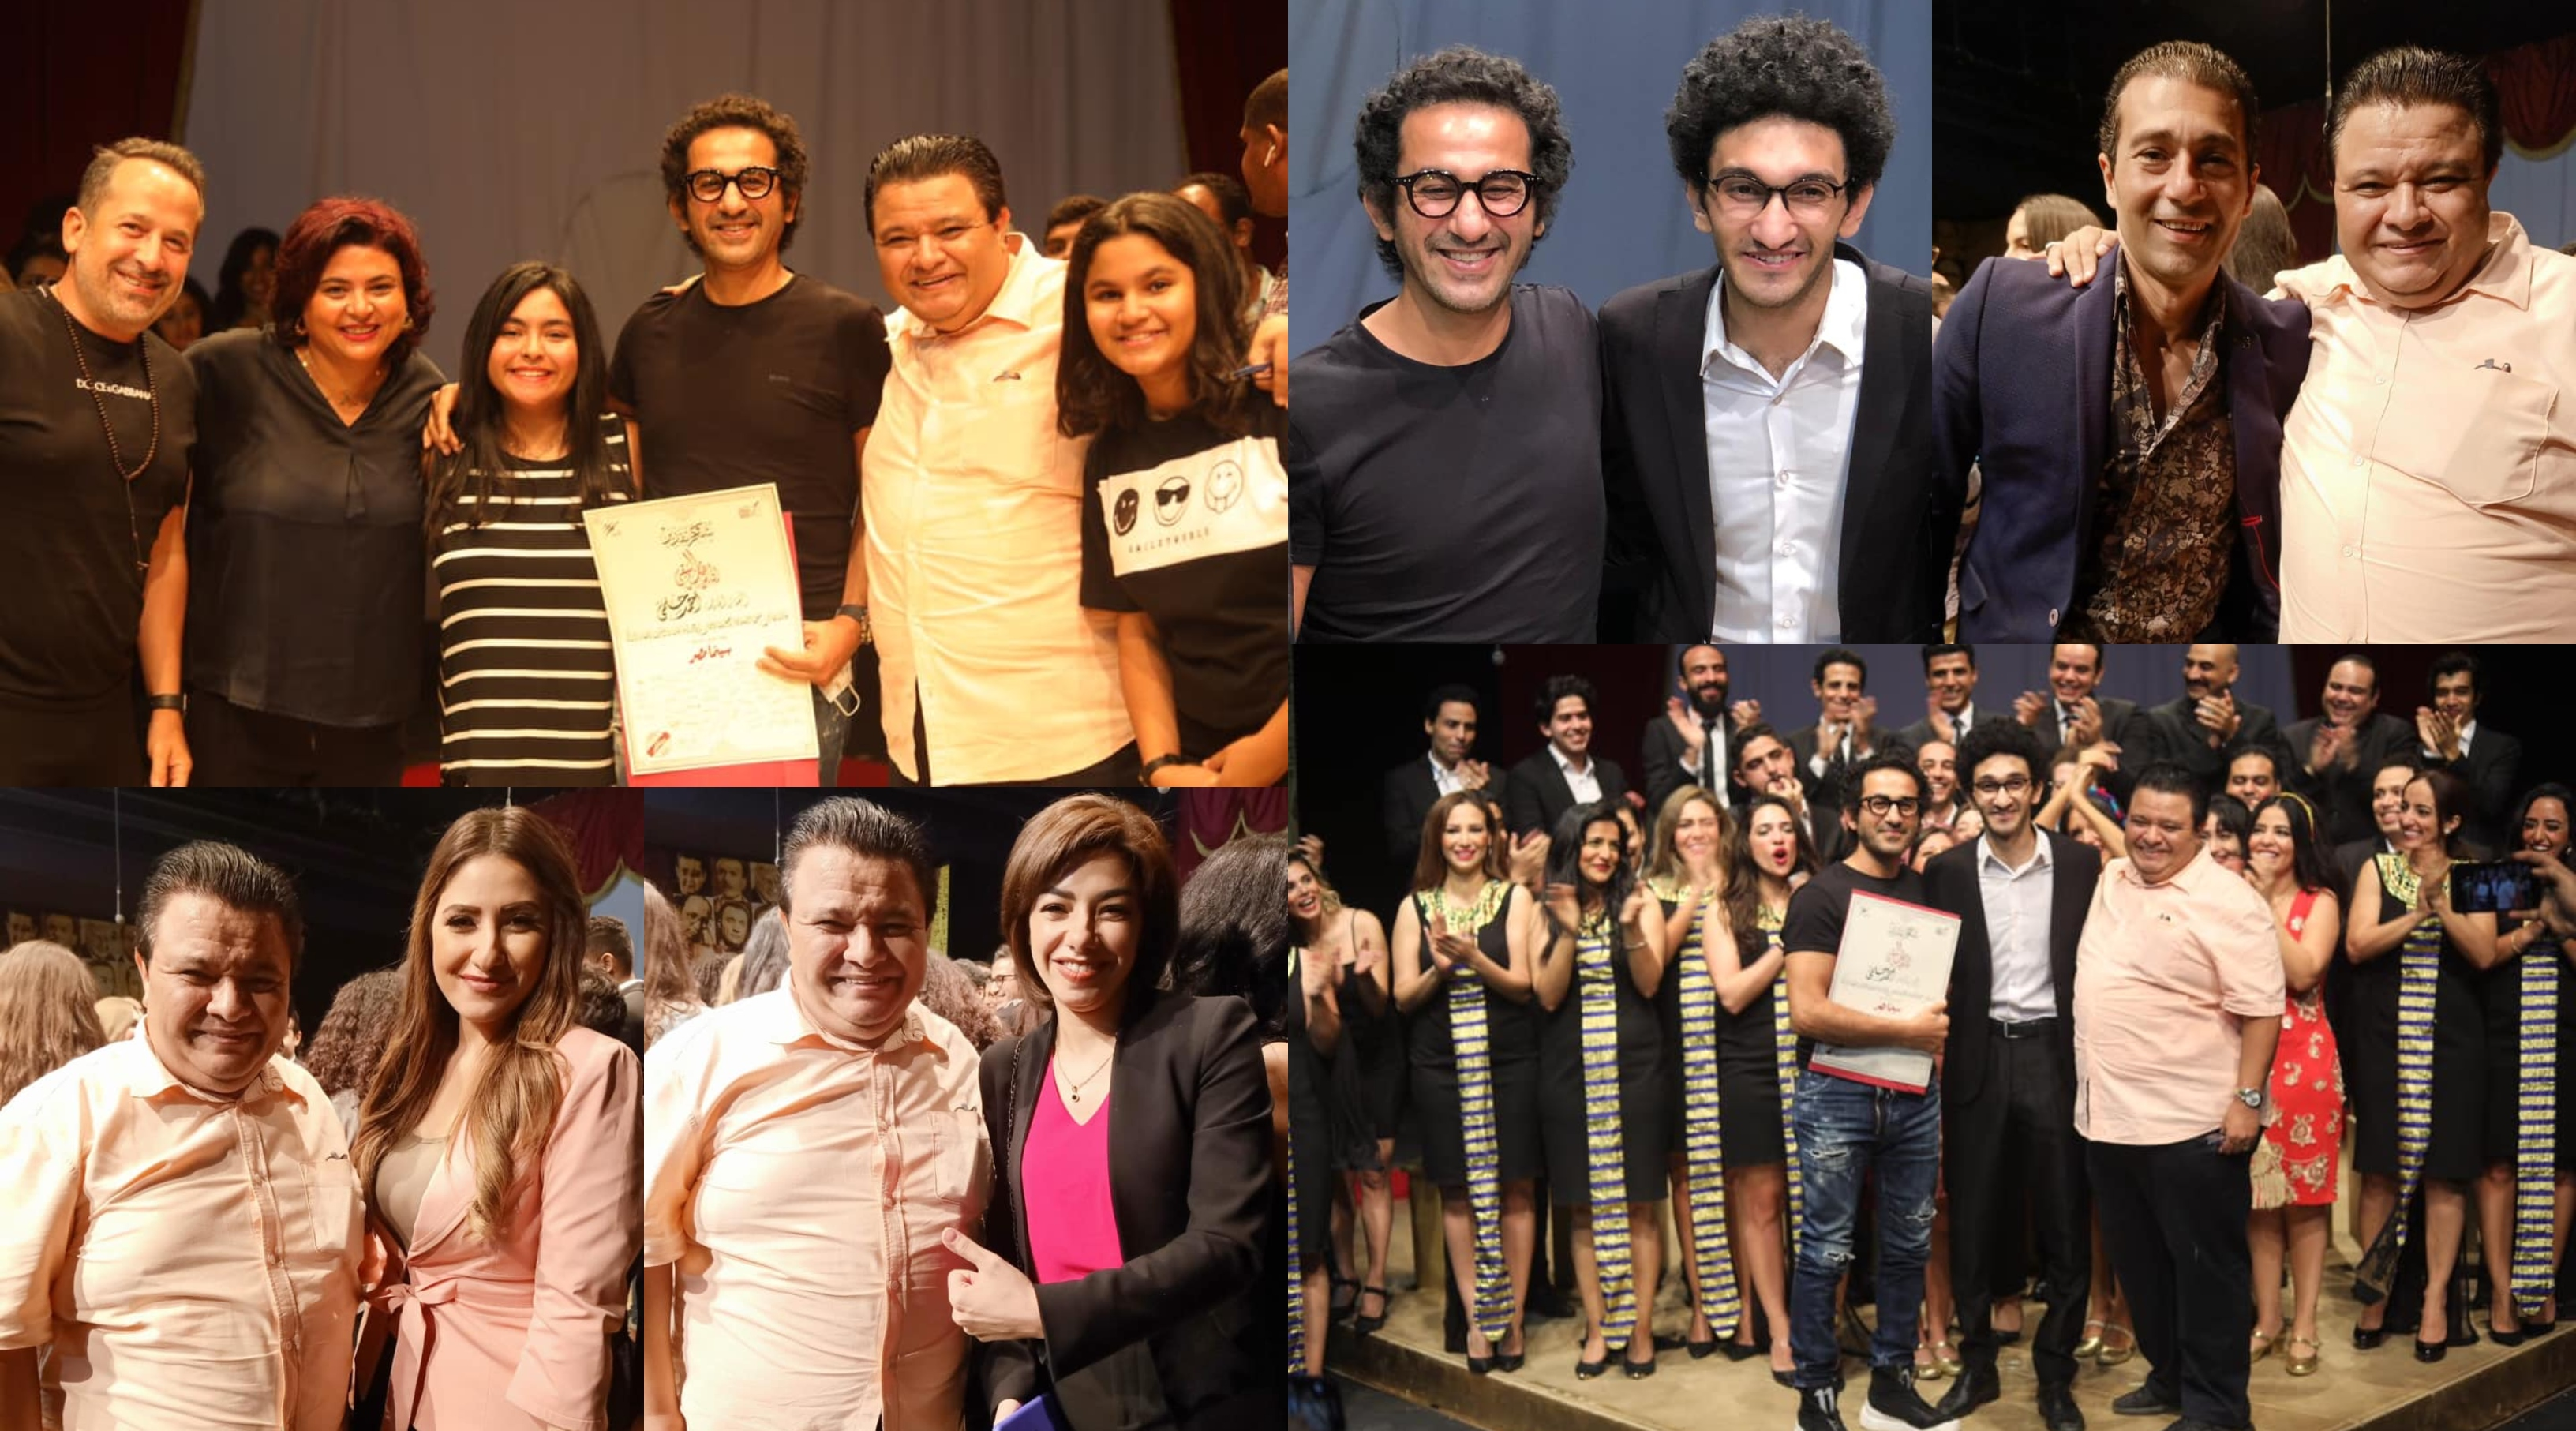 سينما مصر وتكريم أحمد حلمي وحضور اعلامي